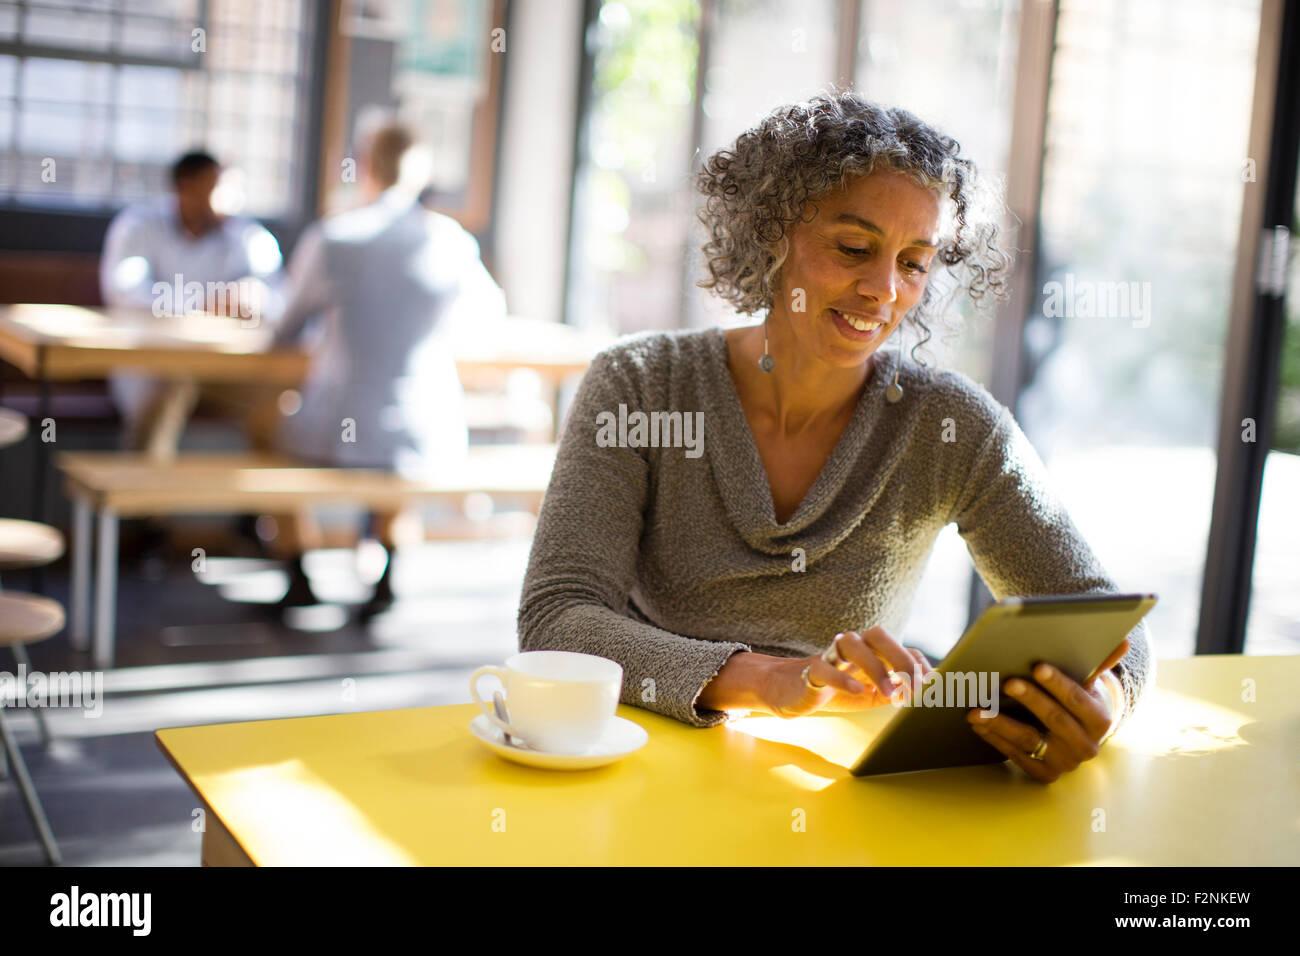 Older woman using digital tablet in cafe Banque D'Images